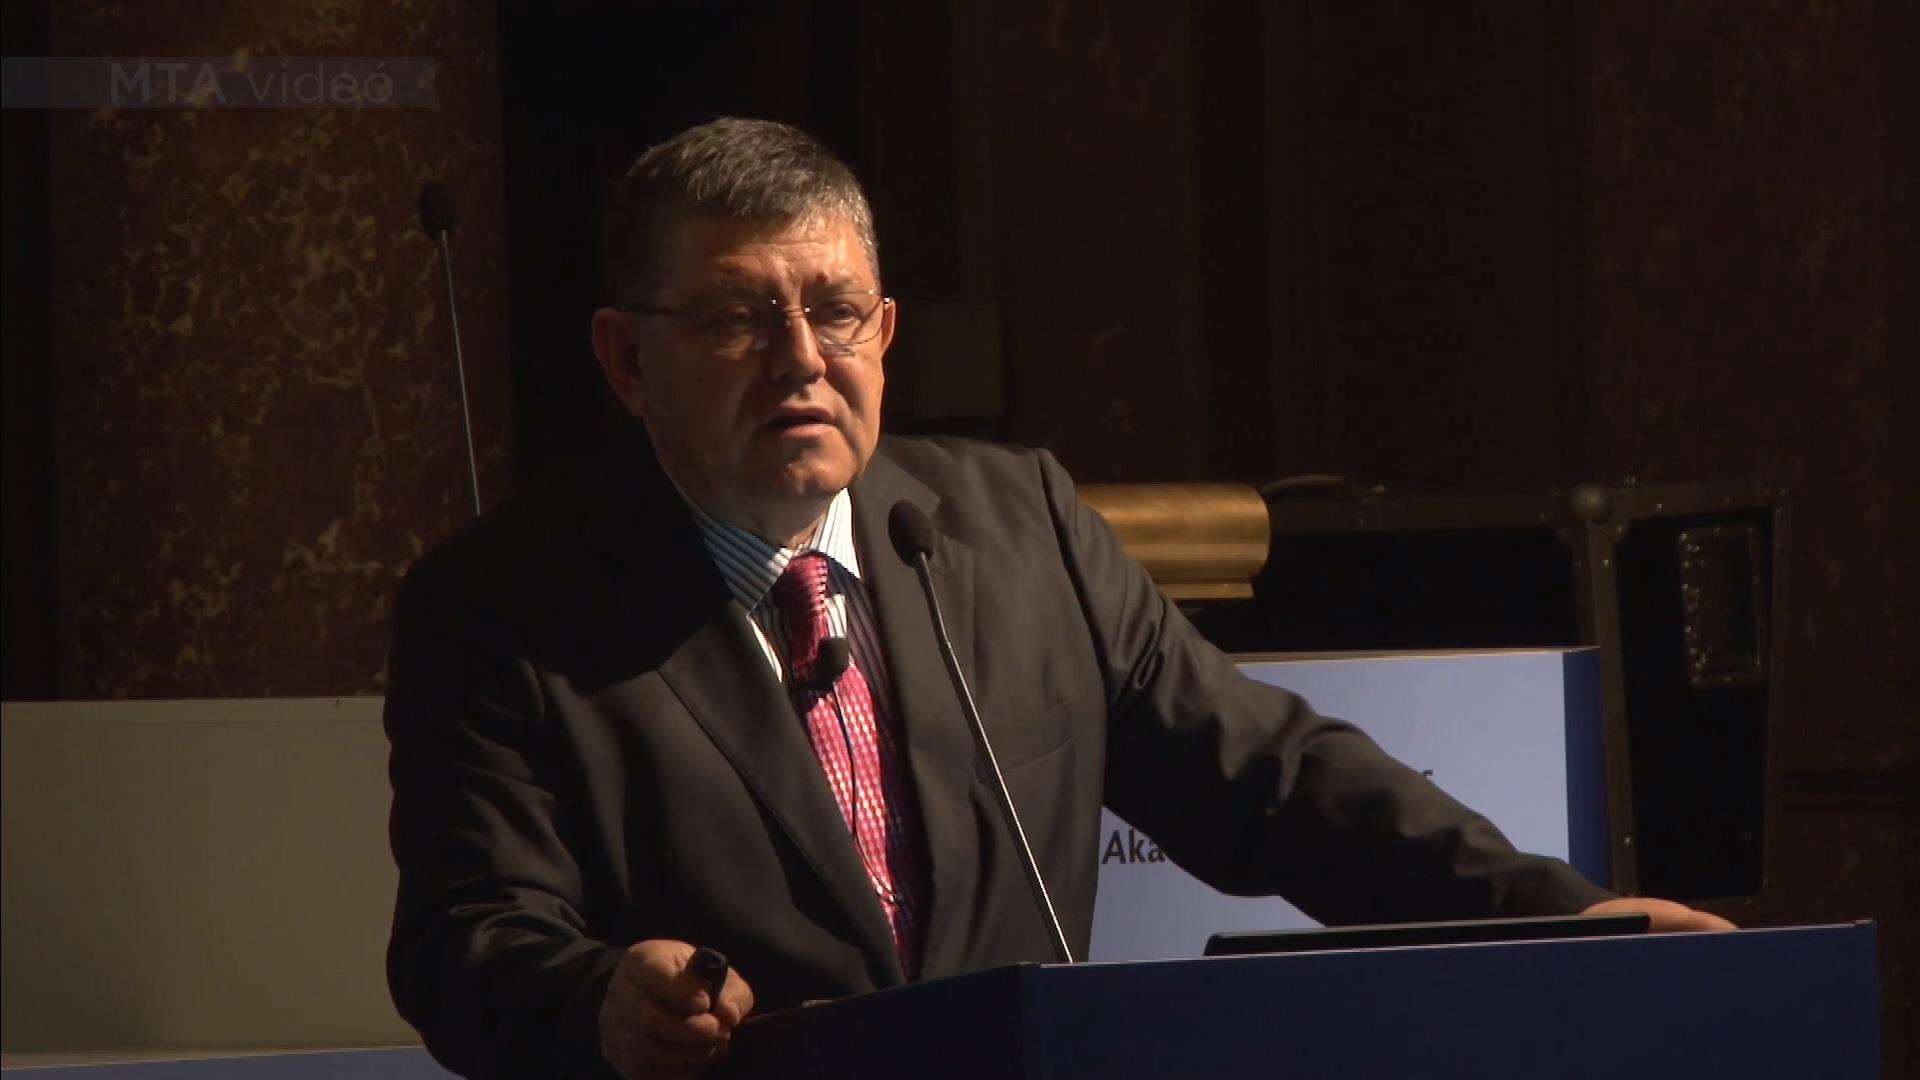 A Debreceni Egyetem volt rektora is elindul az ellenzéki előválasztáson